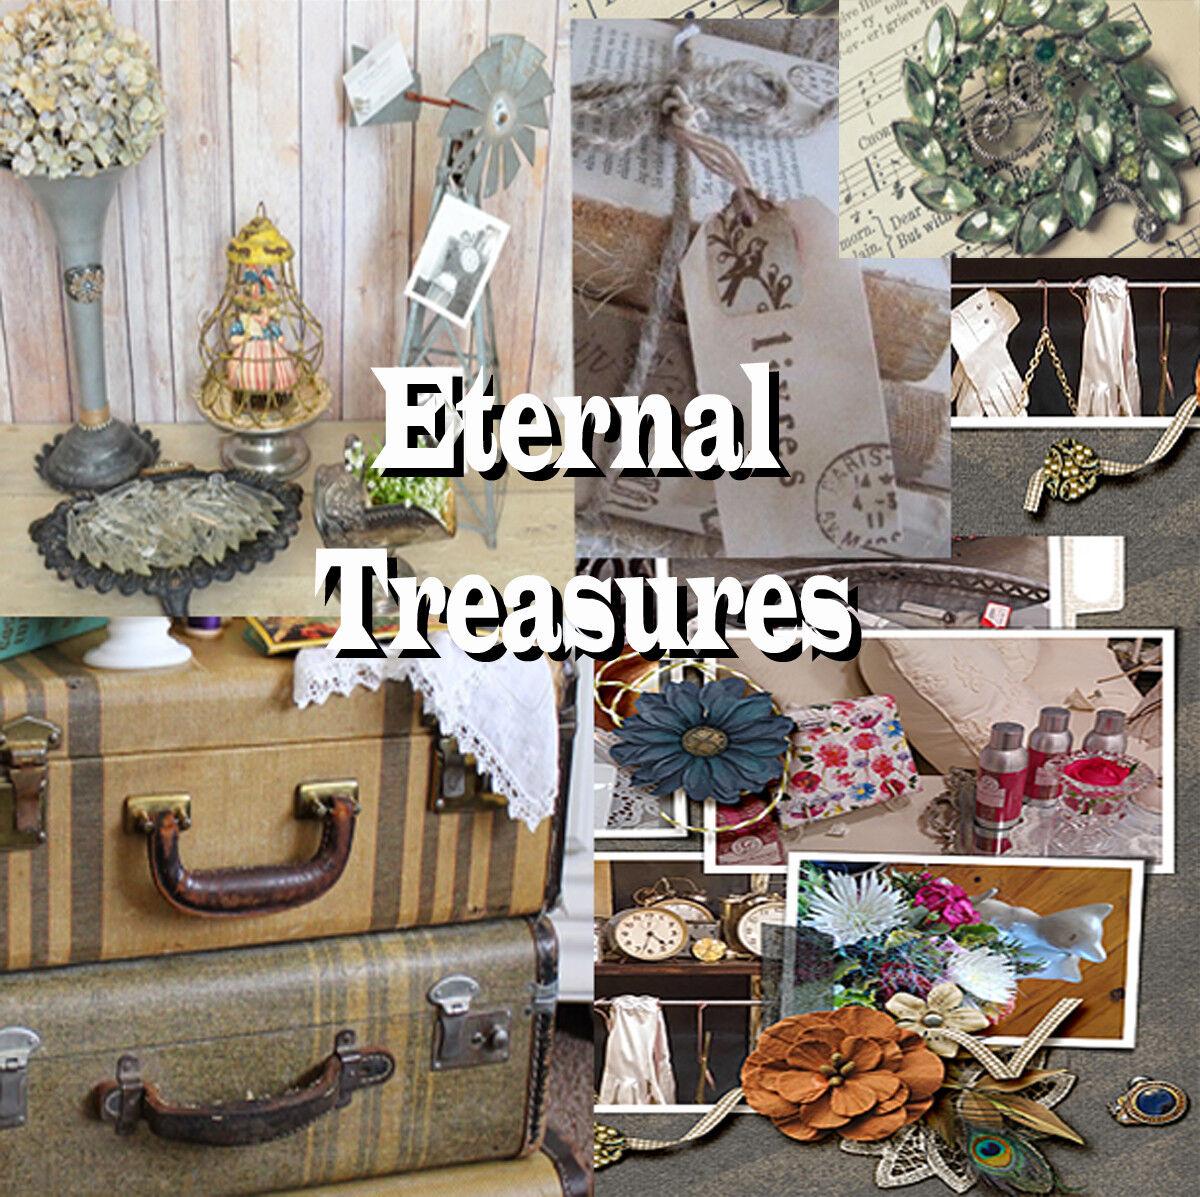 My Eternal Treasures